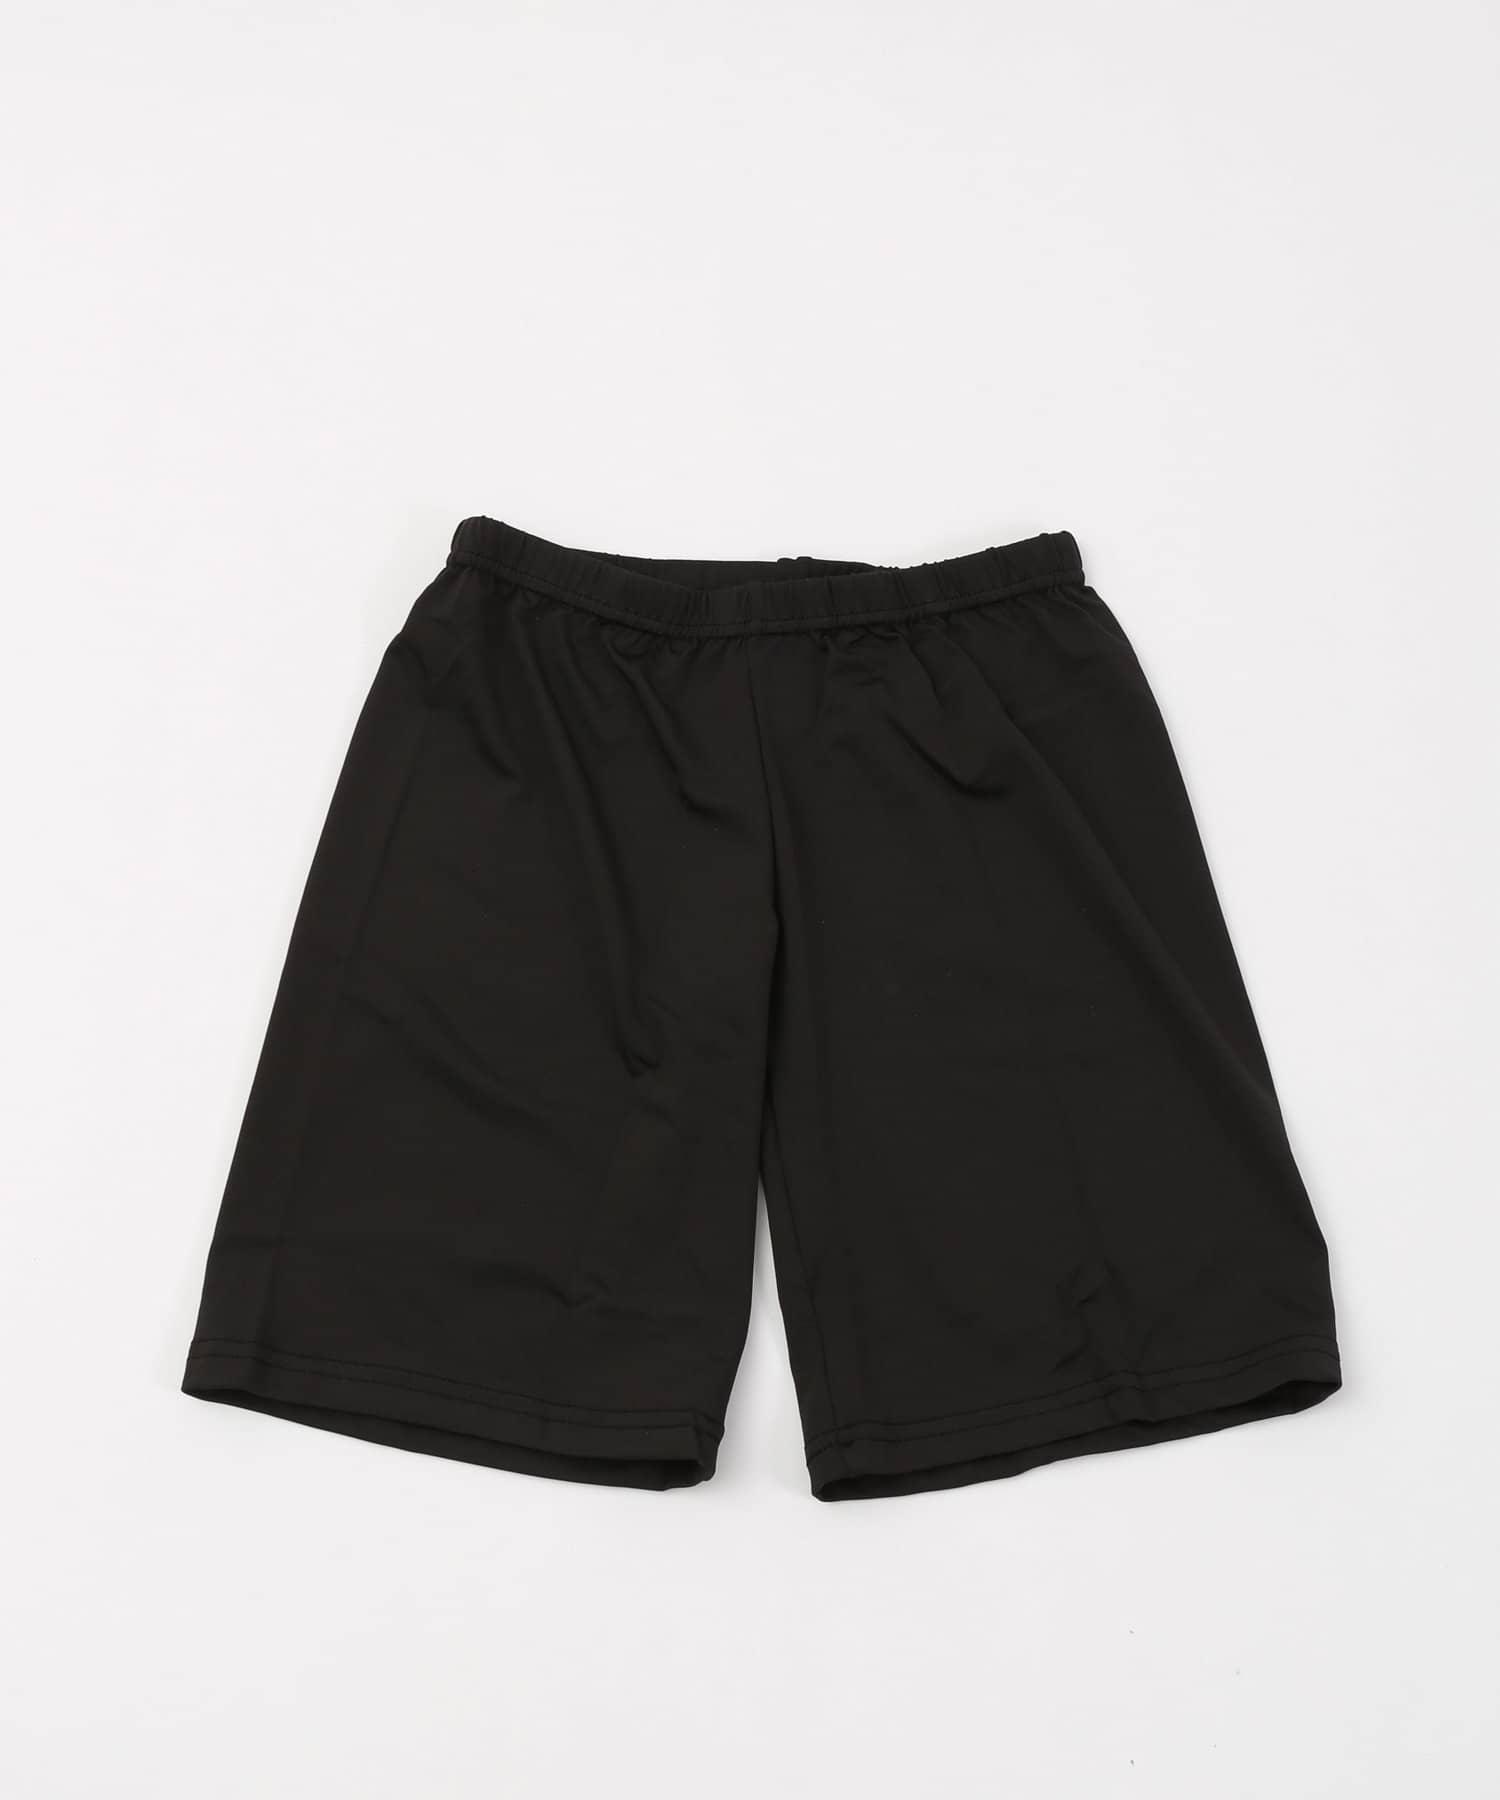 3COINS(スリーコインズ) 3COINS(スリーコインズ) 吸水速乾3分丈パンツ【Lサイズ】 ブラック